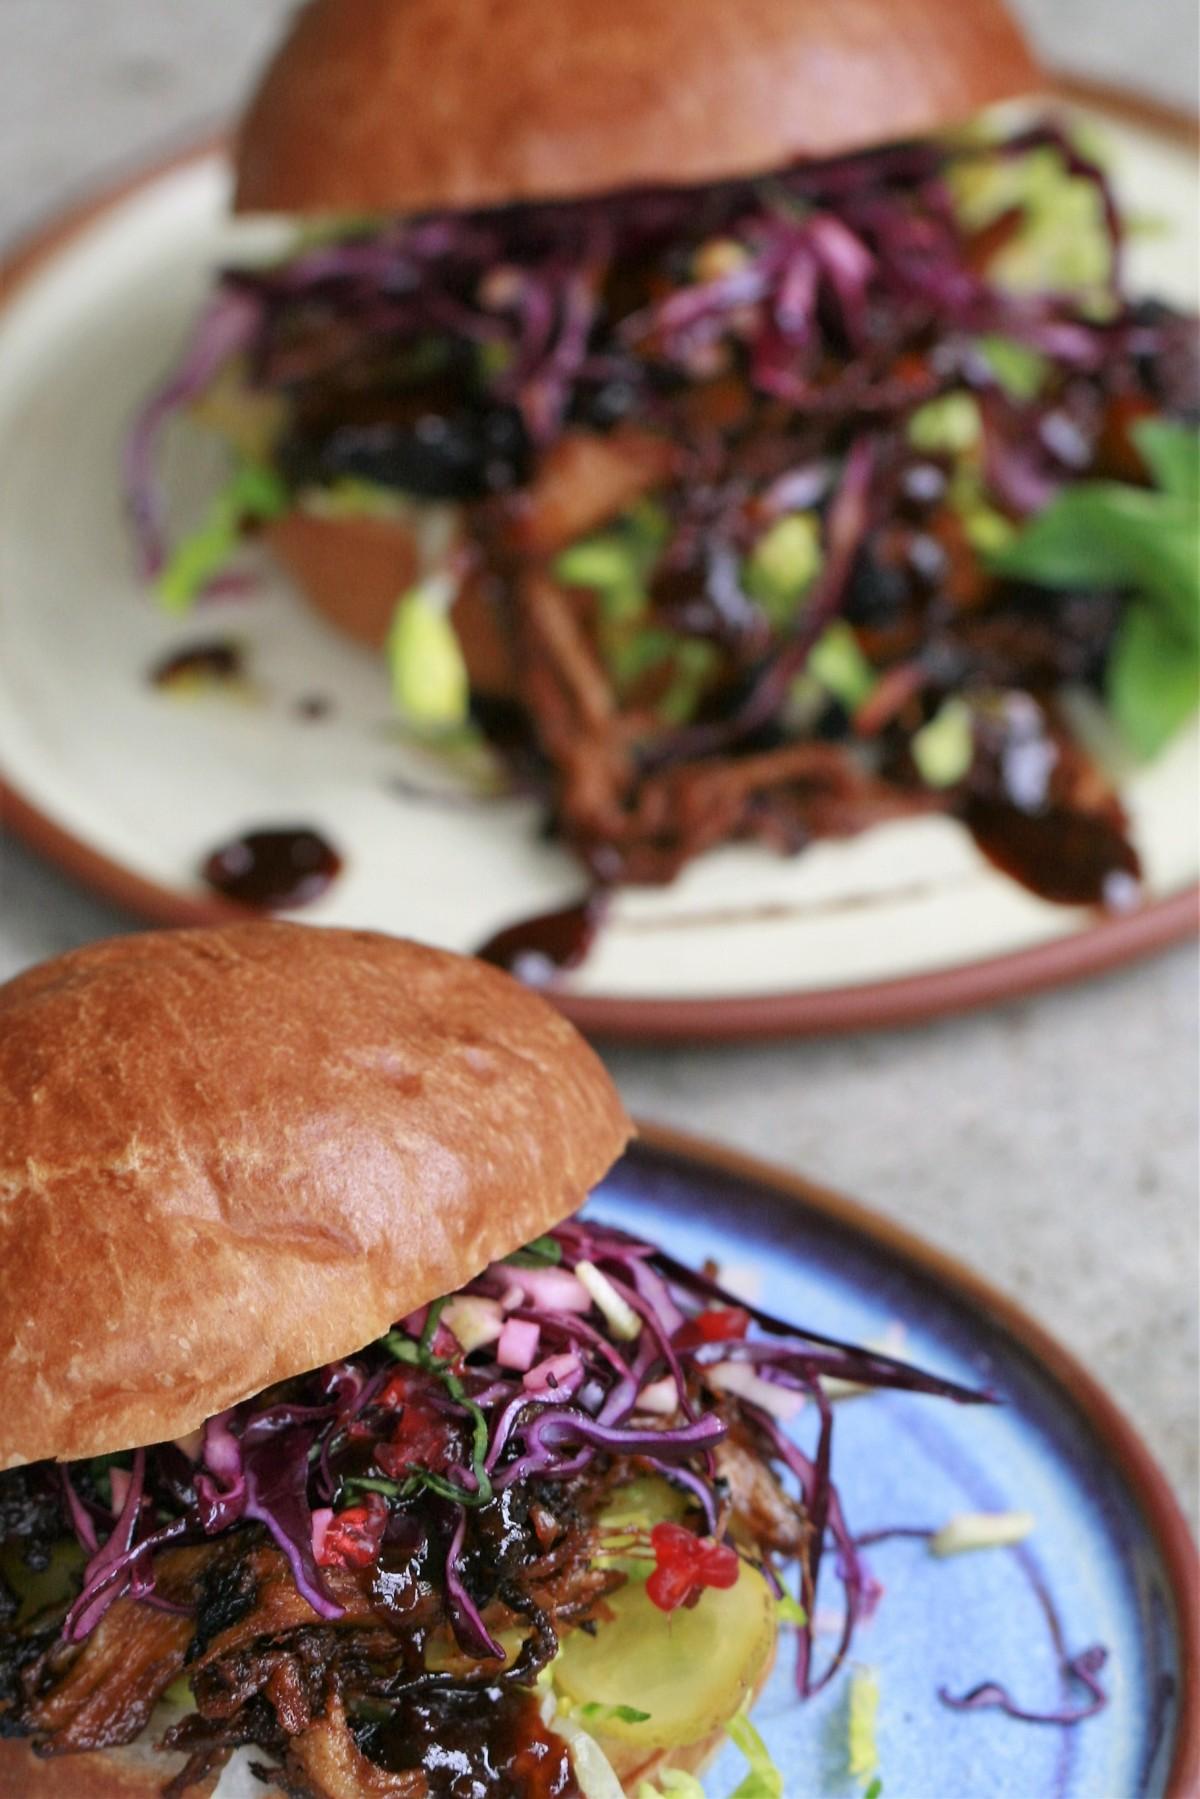 Smoky Pulled Pork served in a brioche bun.